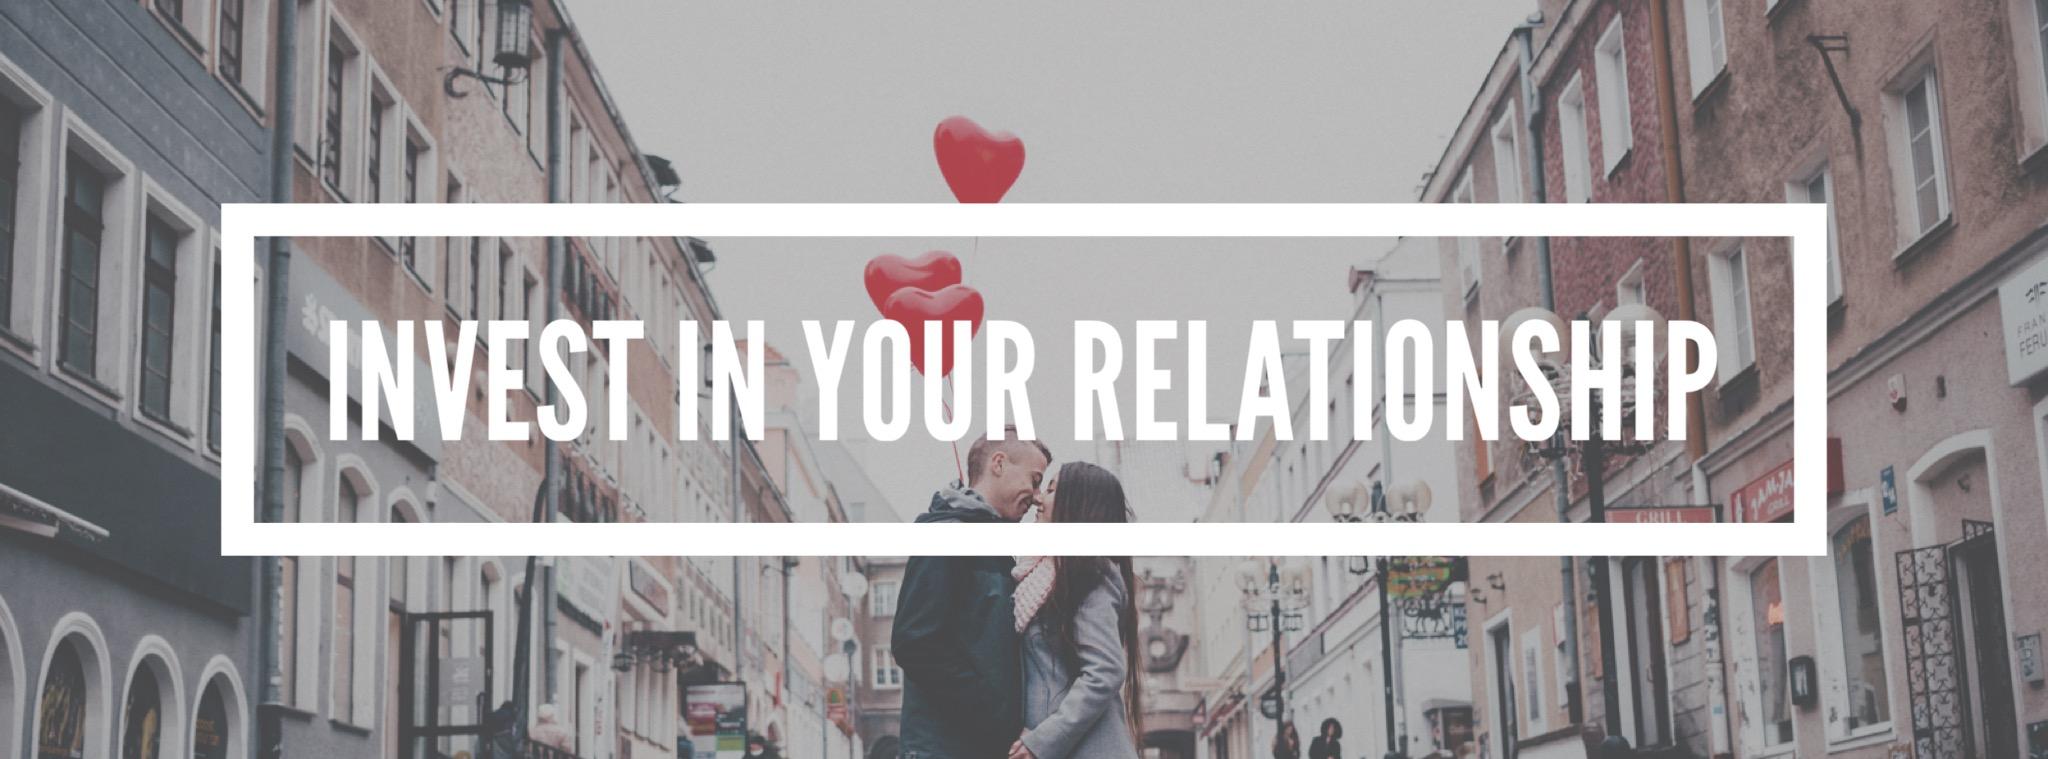 frisch verheiratet und neu verliebt